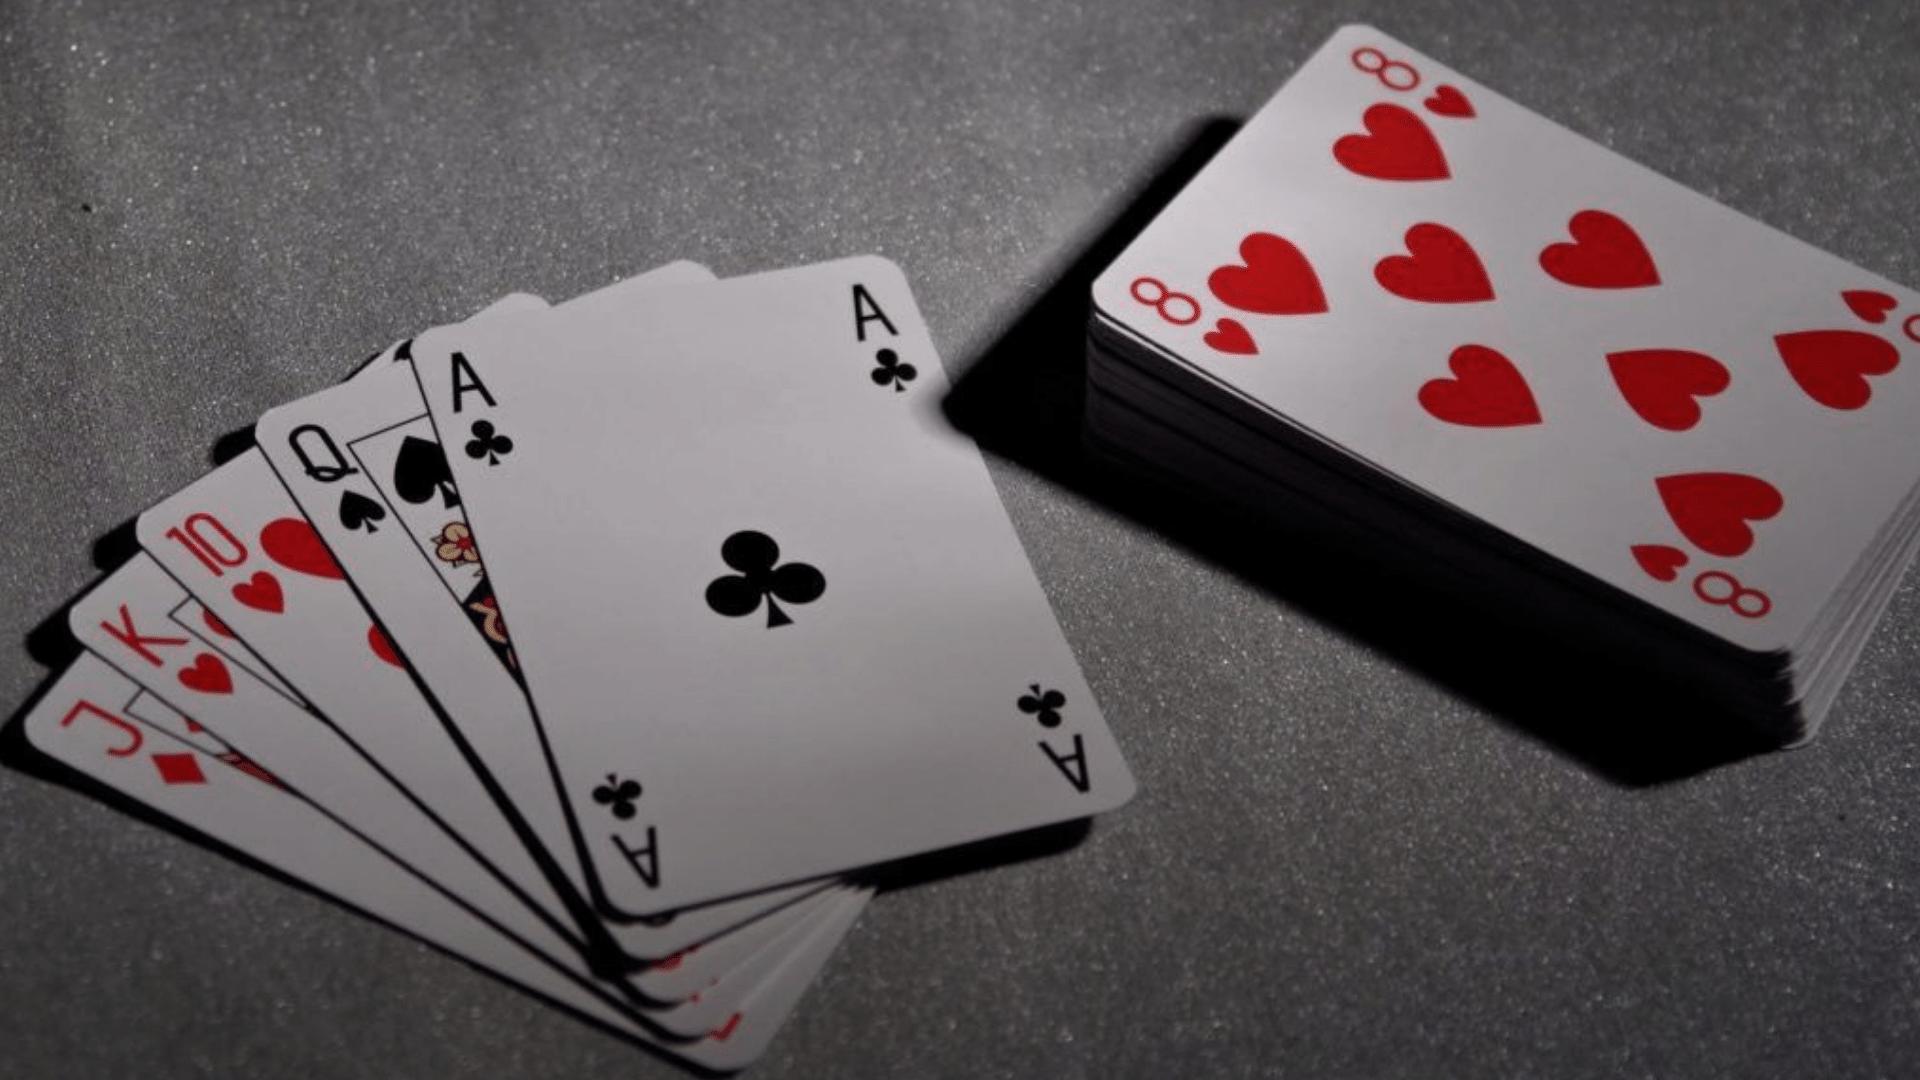 Apakah Kasino Mengalahkan Penghitung Kartu